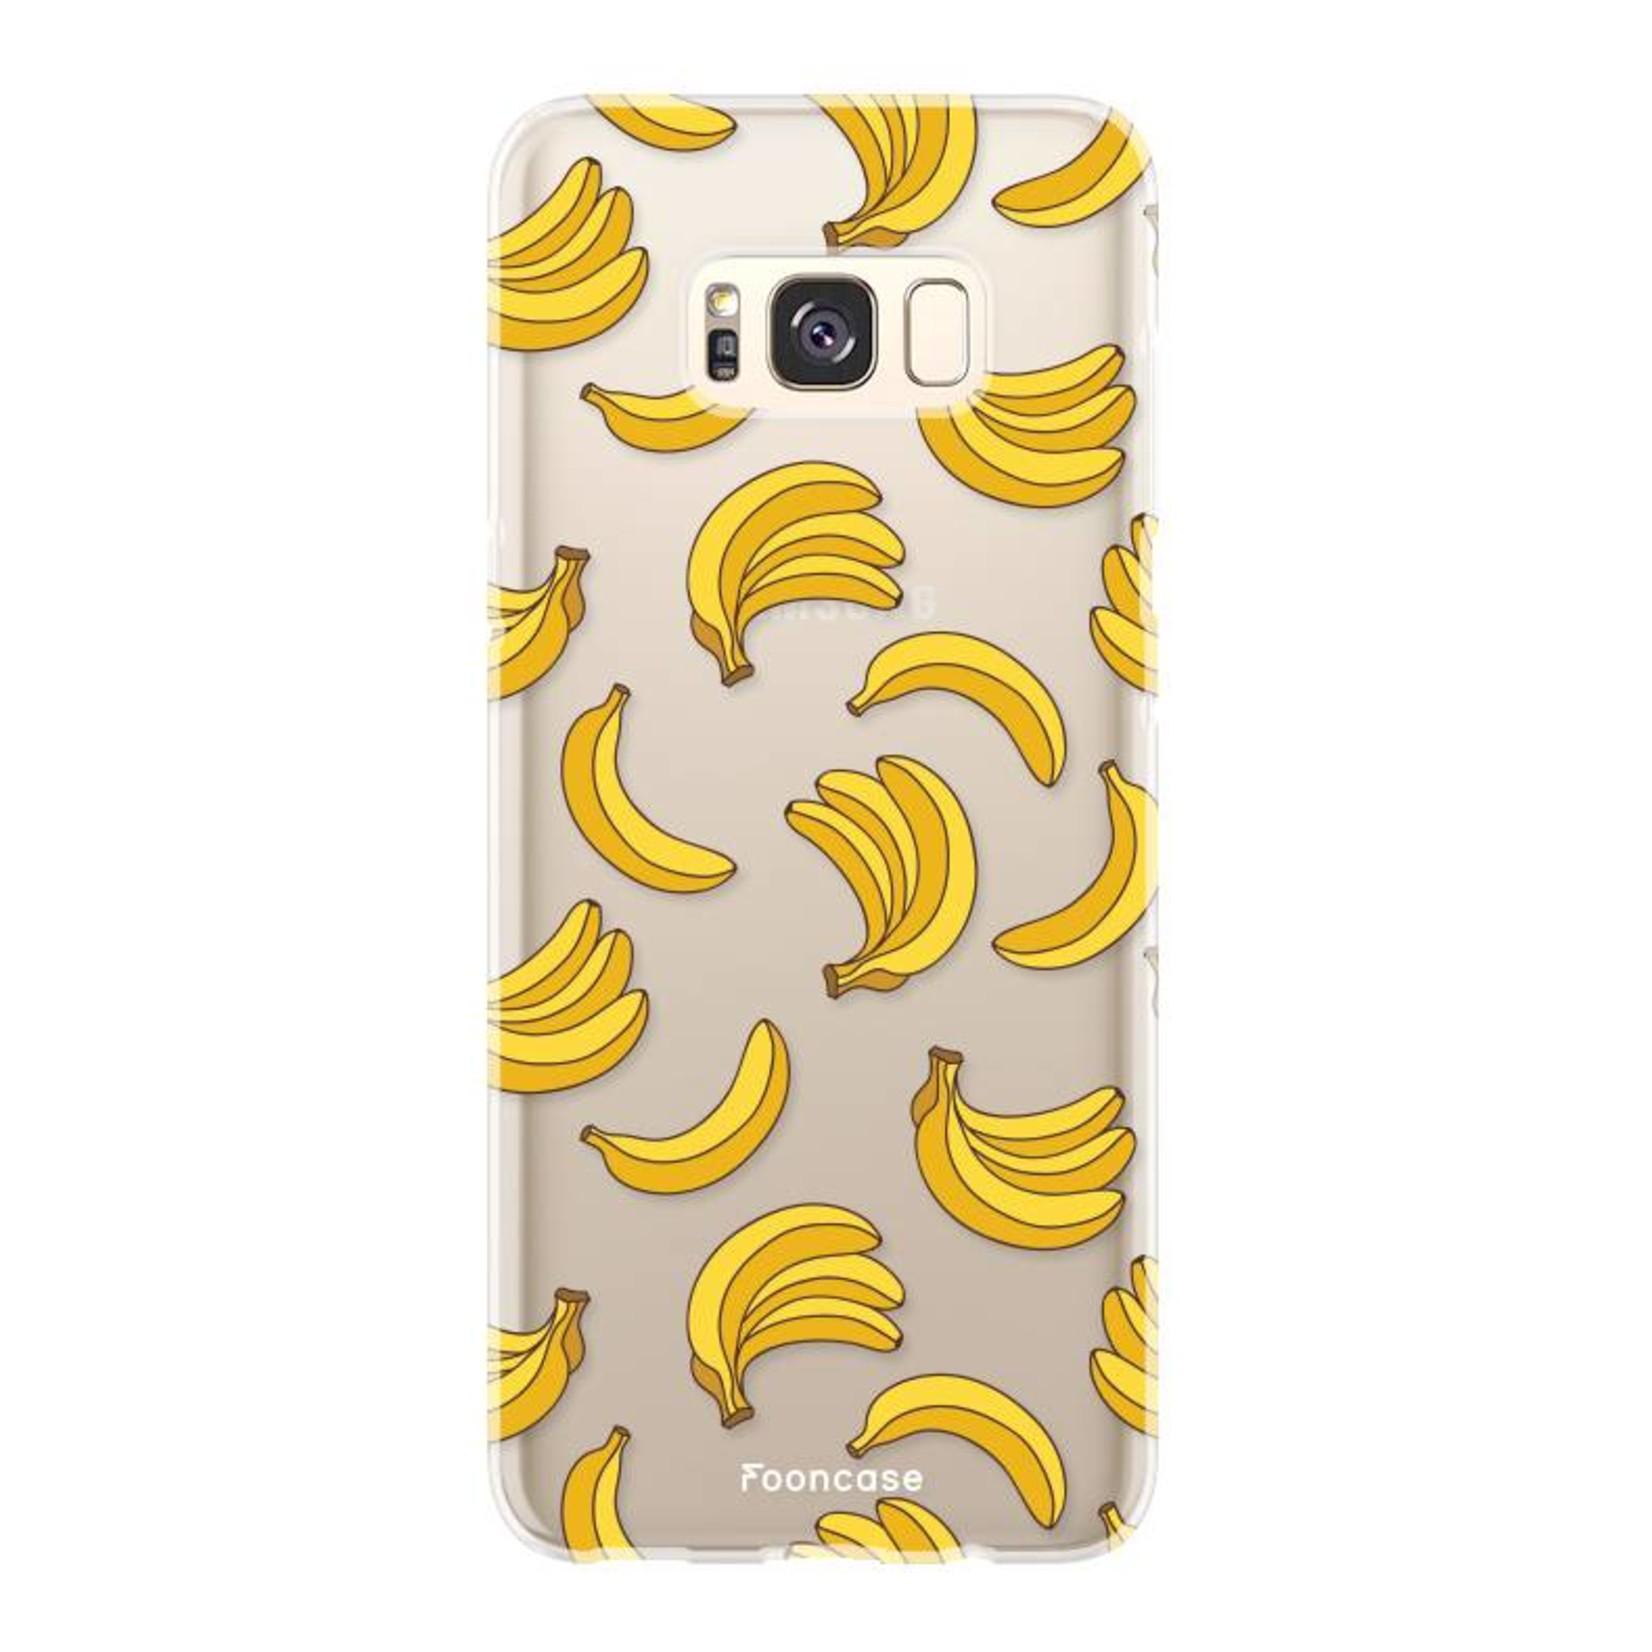 FOONCASE Samsung Galaxy S8 Plus Handyhülle - Bananas